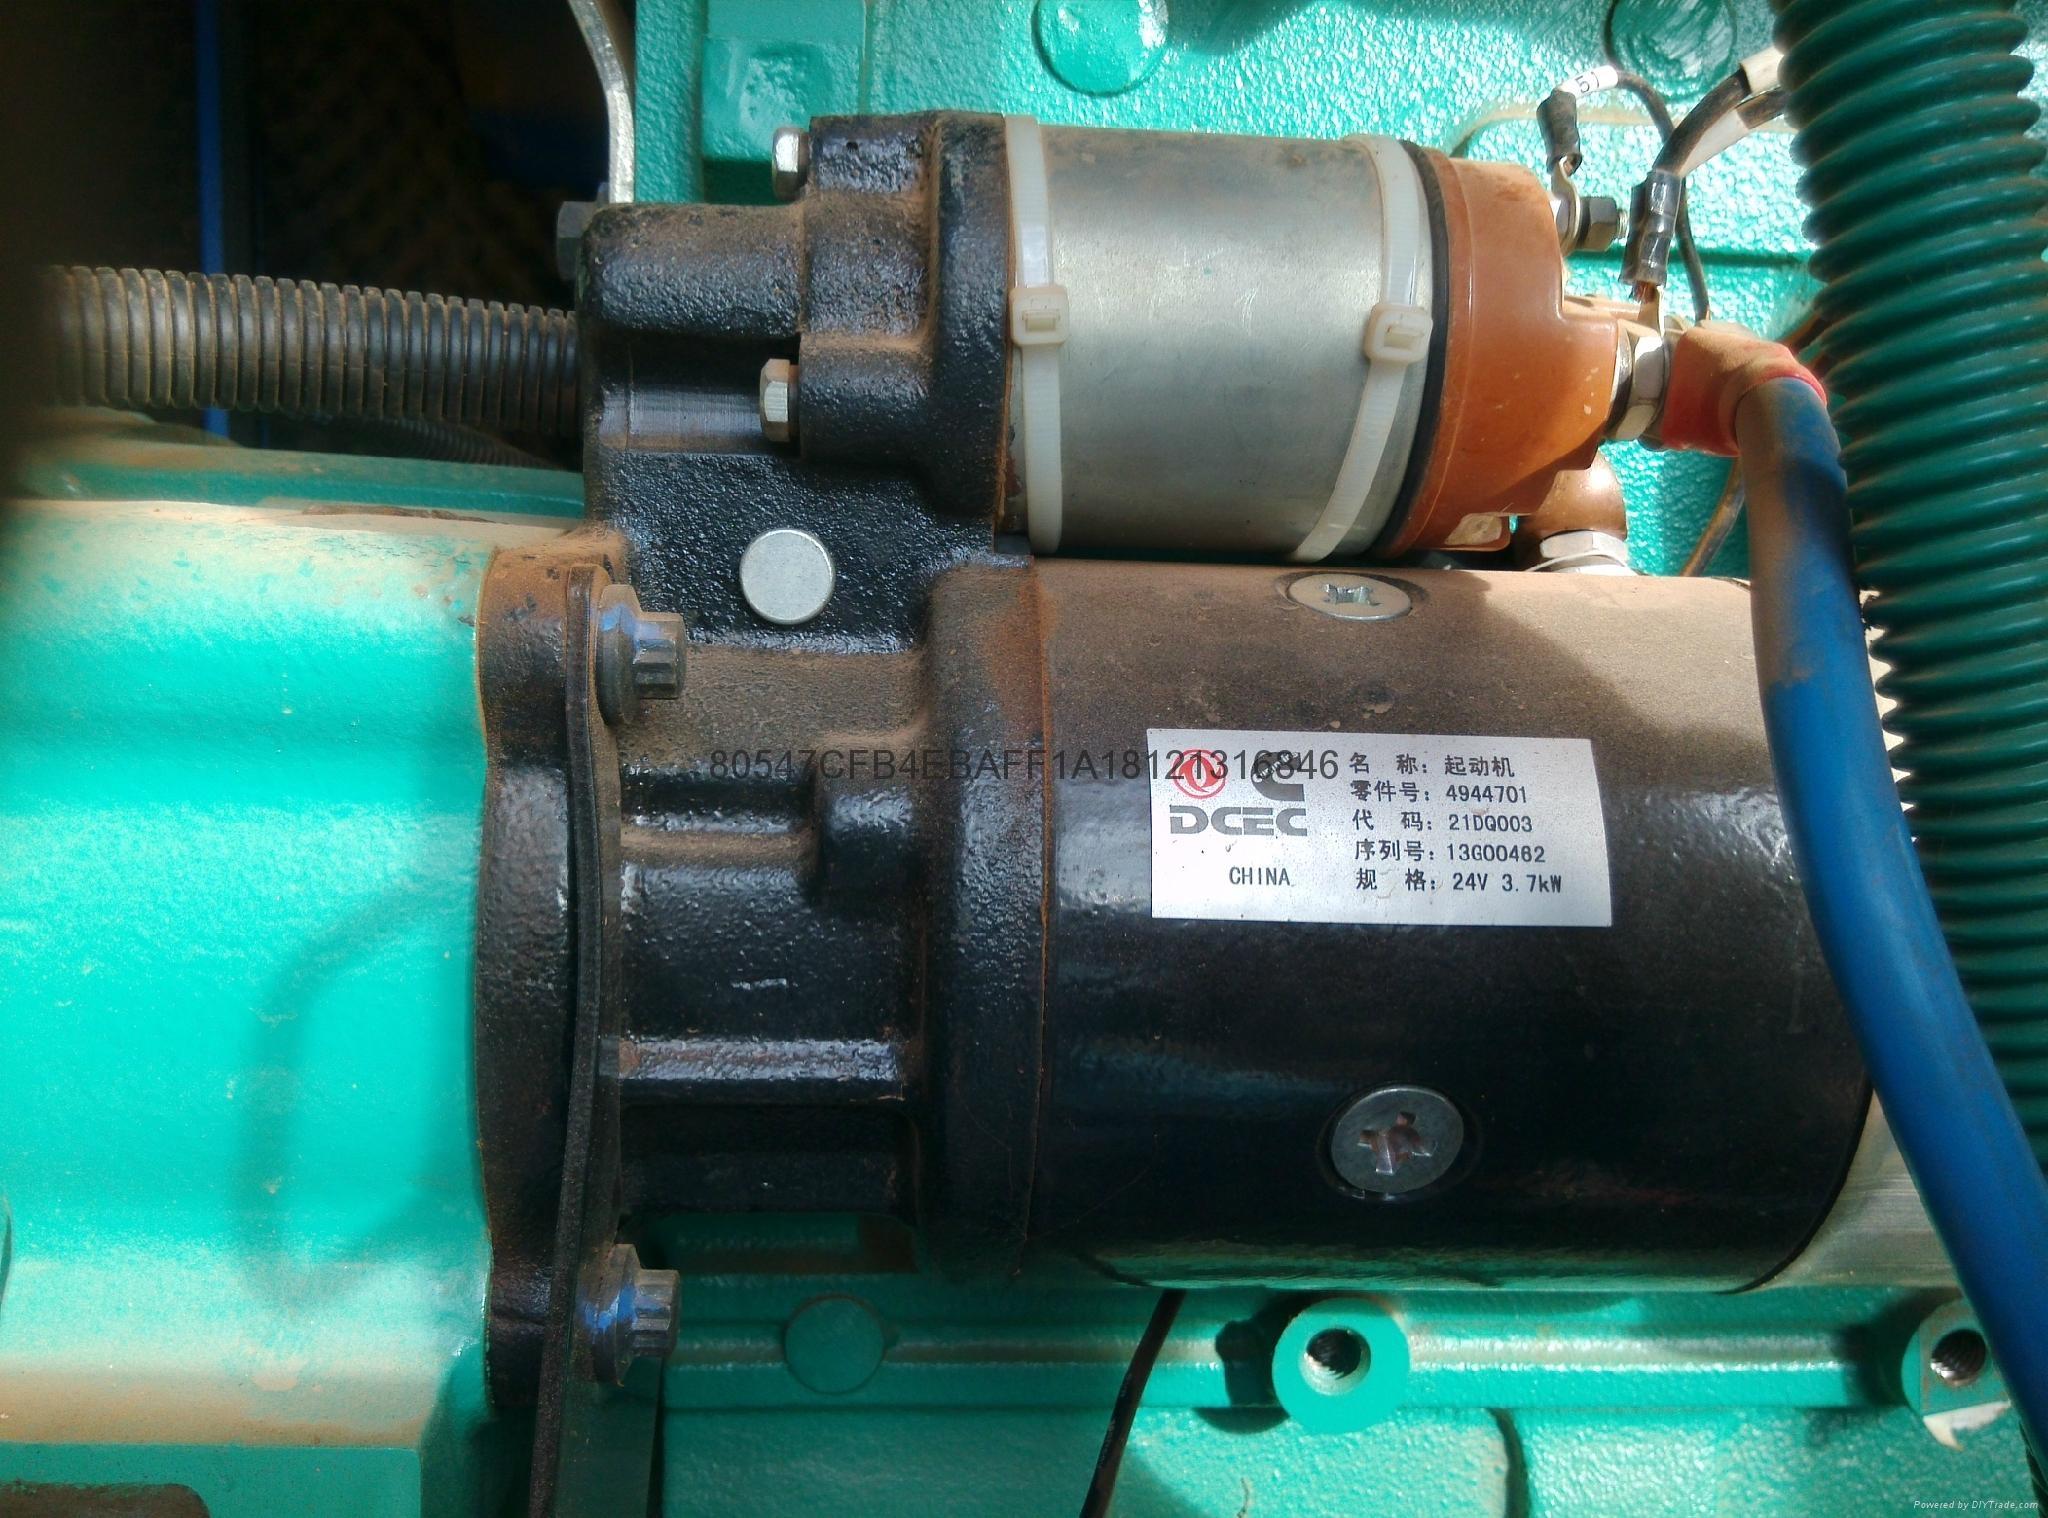 康明斯減速起動機3.7KW 正宗康明斯配件 4944701起動機包郵 含稅 1